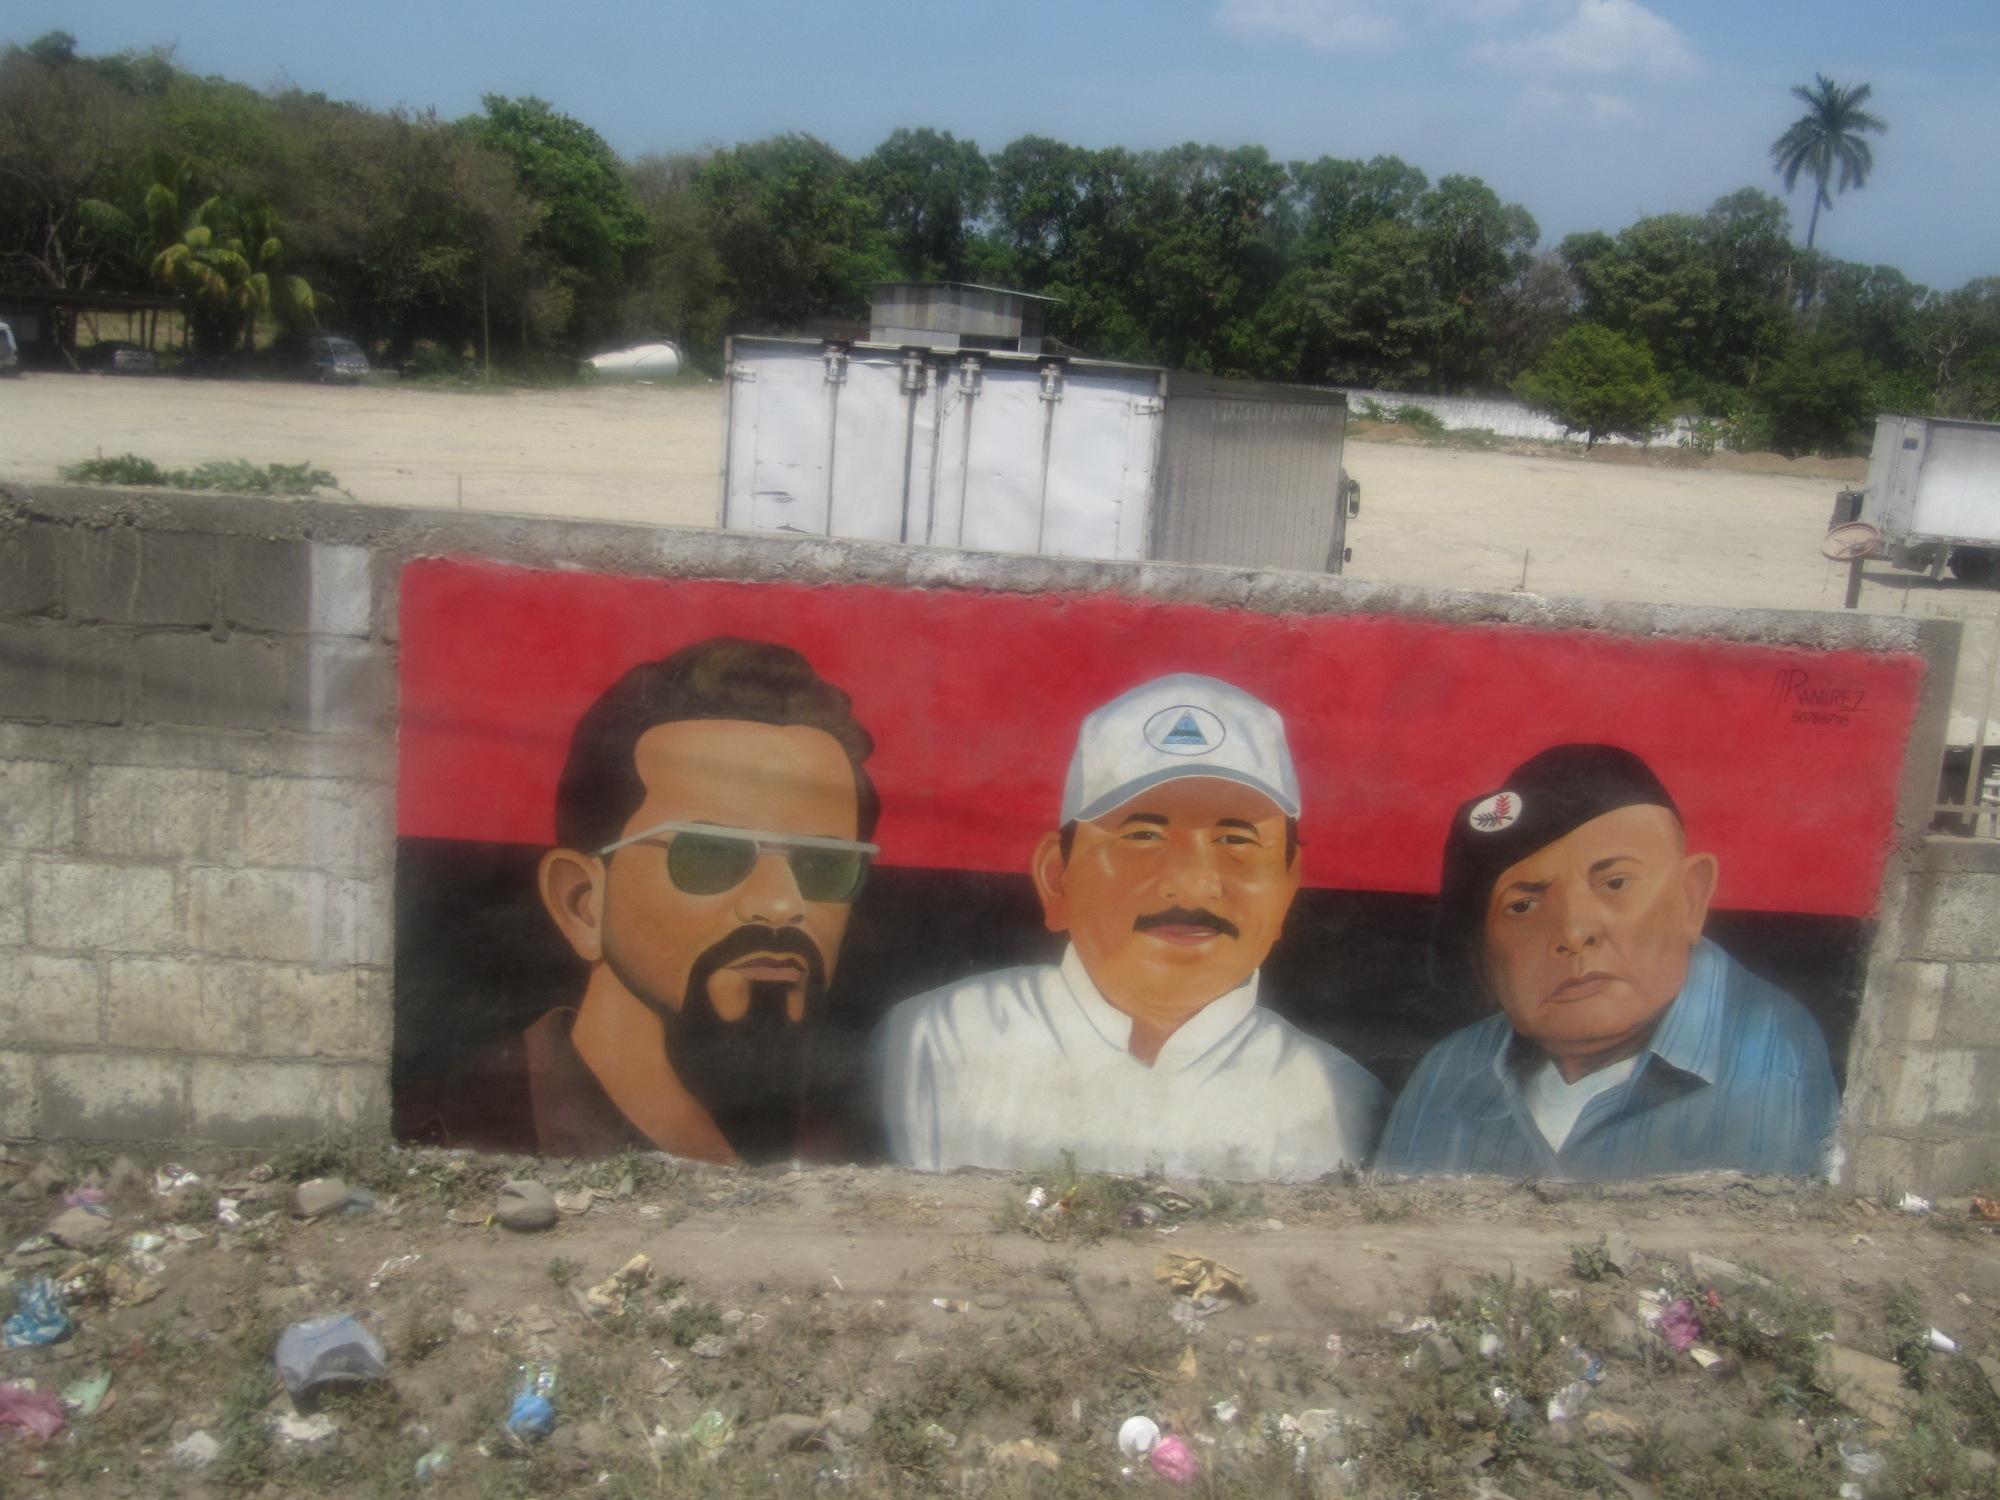 Uno de los pocos murales que vi, a pesar de que me habían dicho que vería muchos. Estos son Carlos Fonseca, Daniel Ortega y Borge. ¿Quién falta y quién sobra? Ja.